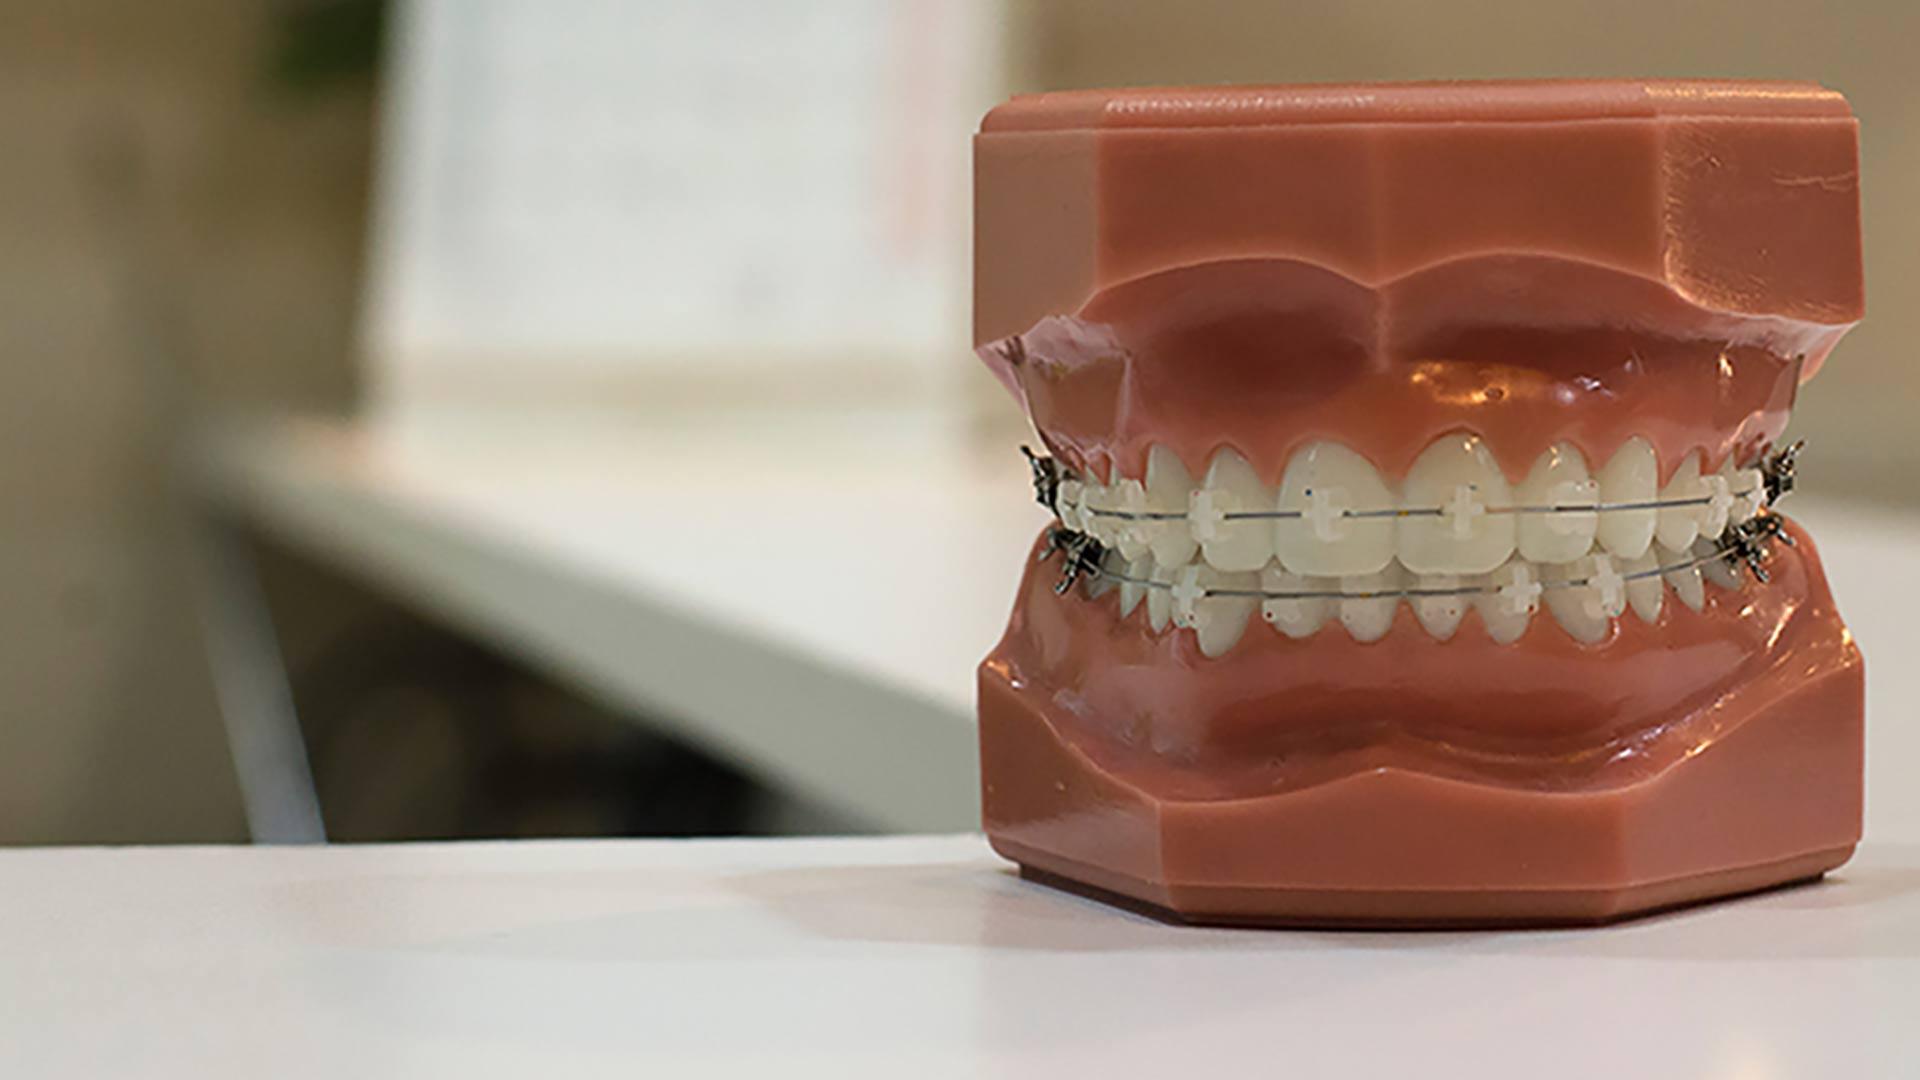 Ein künstliches Gebissmodell mit einer festen Zahnspange.